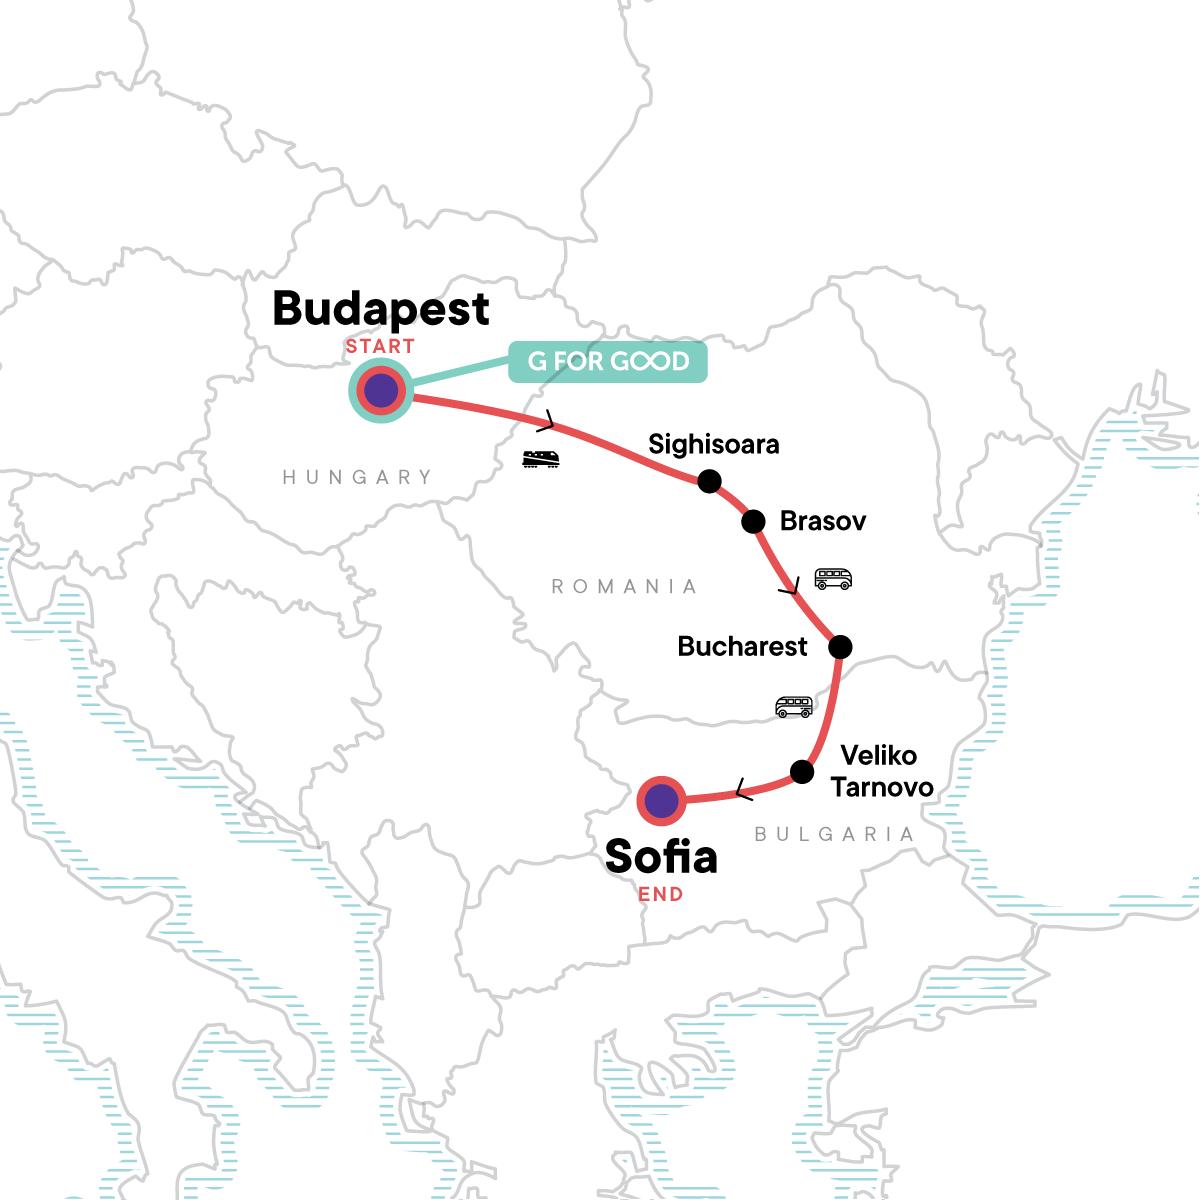 Budapest to Sofia Adventure Map